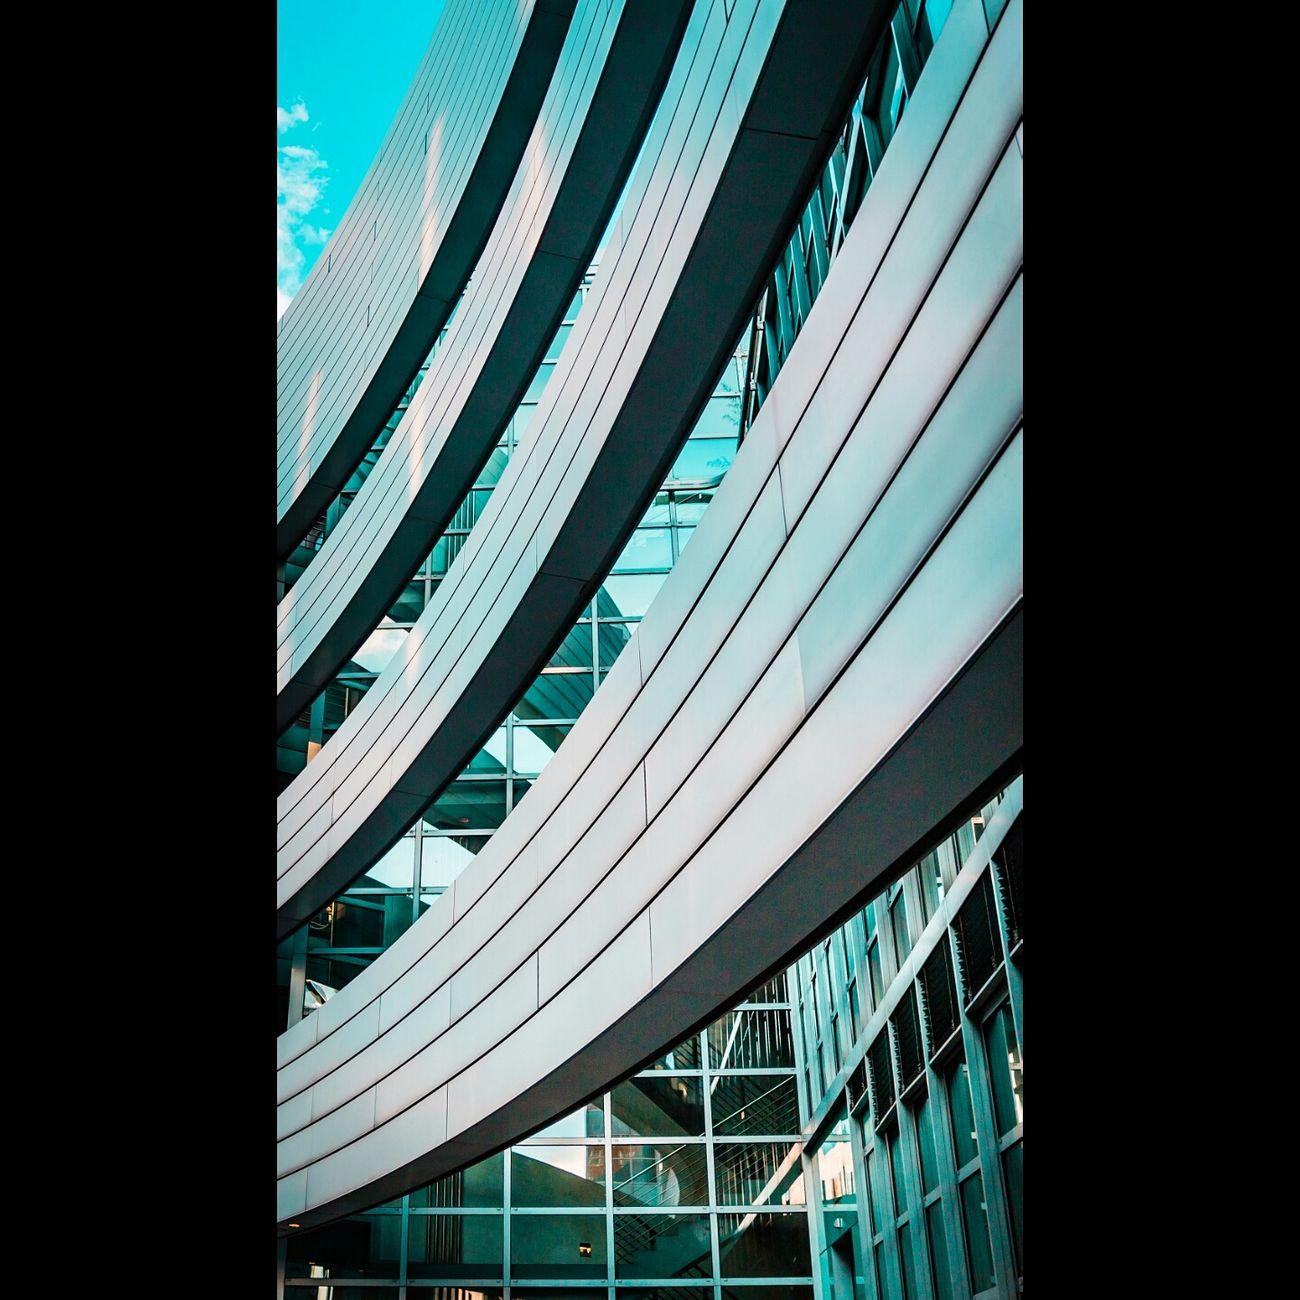 Nicht auf das Leben kommt es an, sondern auf den Schwung, mit dem wir es anpacken. Architecture City Modern Glass - Material Office Building Window Glass Development No People Harmony Of Colours Gebäude Architektur Medienhafen Düsseldorf 🌾 Design Geometric Shape Gehry Art Turquoise Rheinriver Curves Düsseldorf Hafen Düsseldorf ♡ Düsseldorf